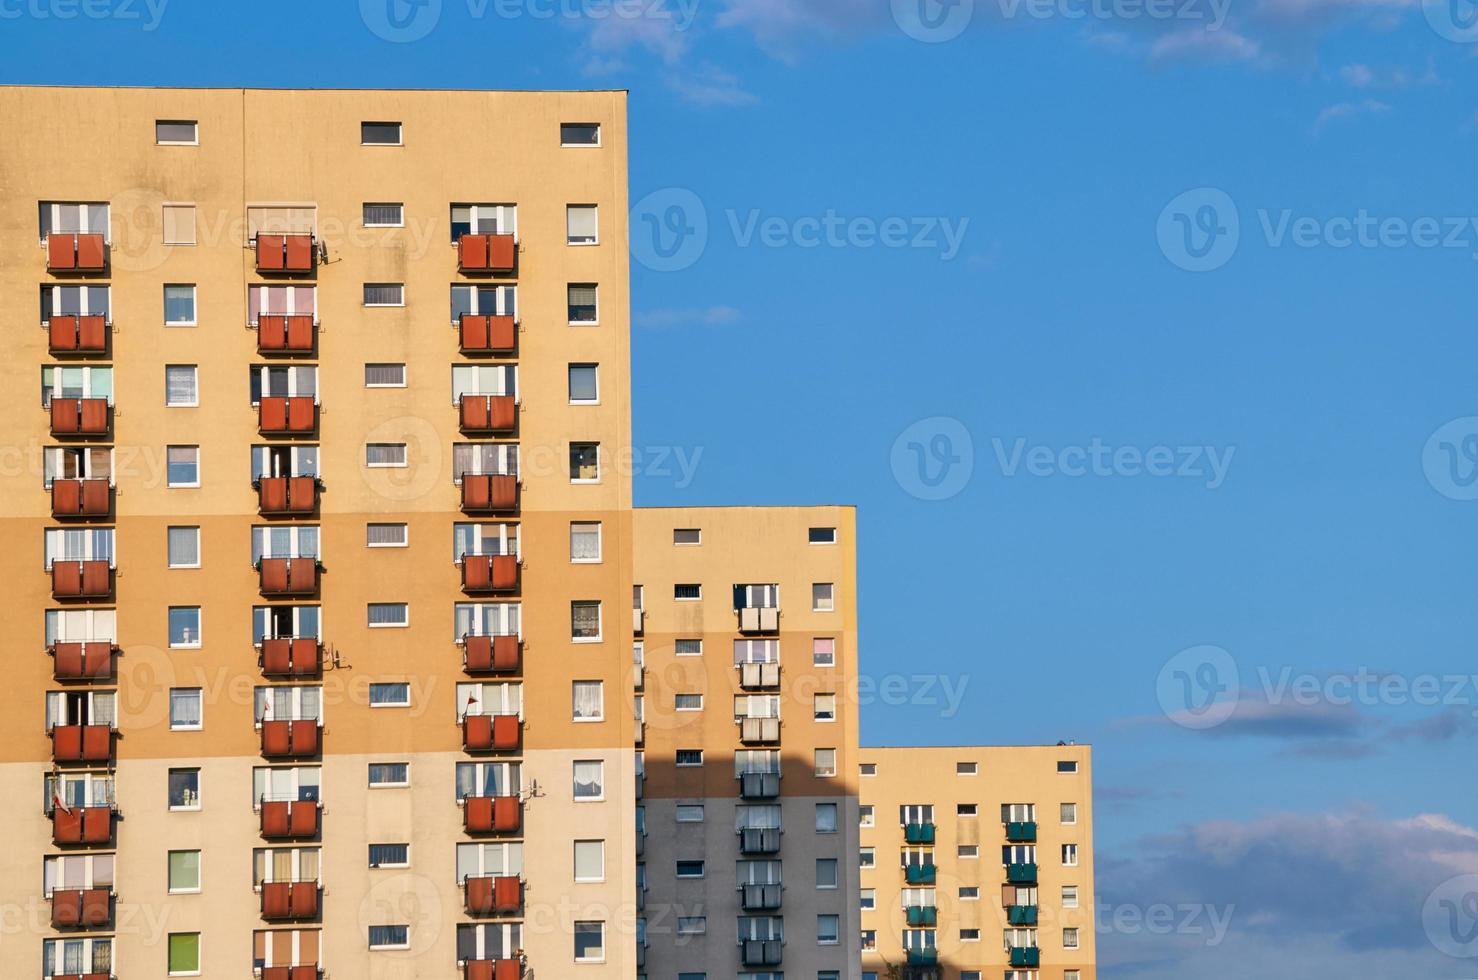 fasaden på ett bostadshus med höga byggnader foto